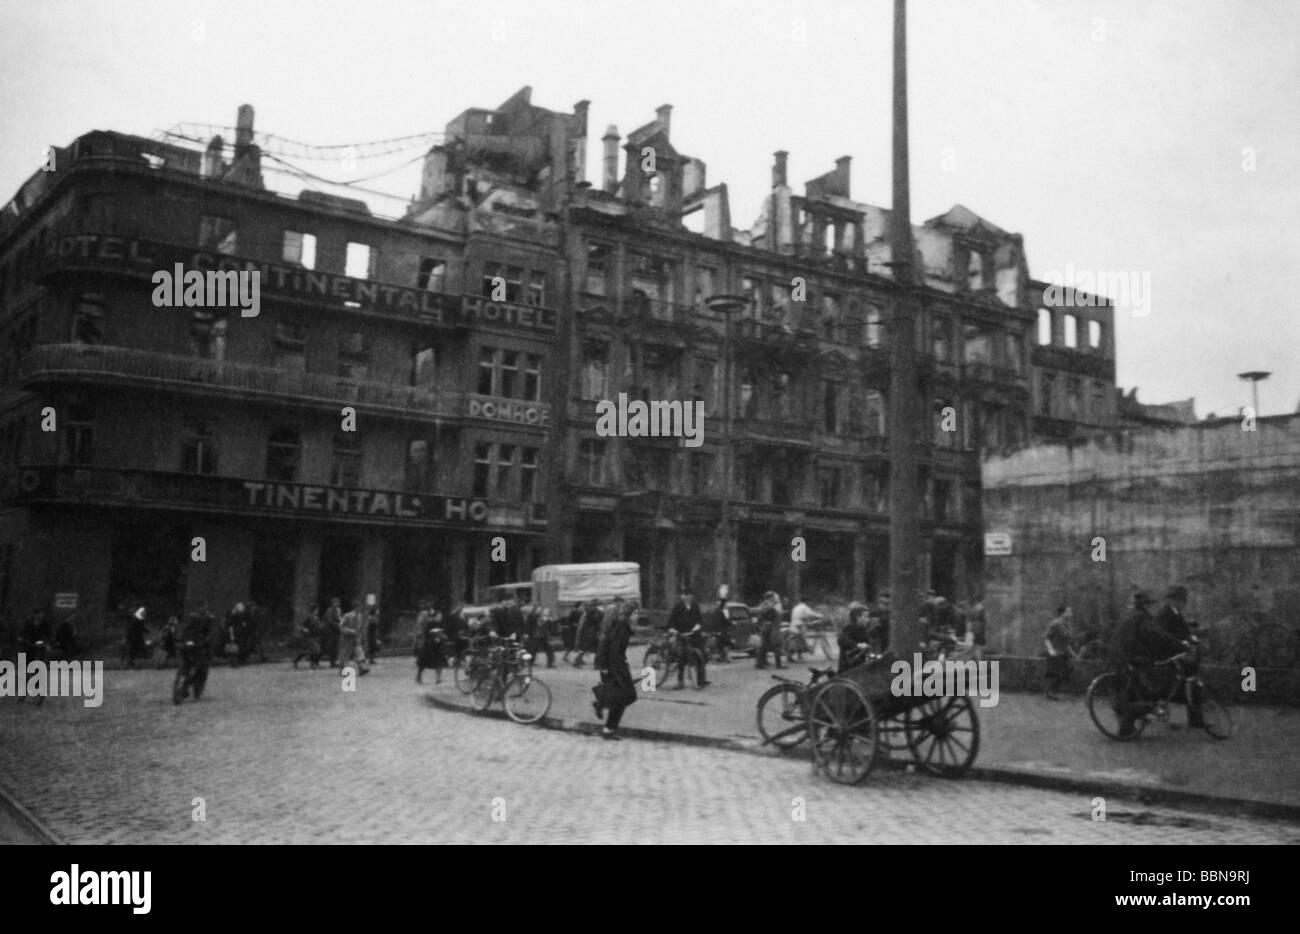 Ereignisse, Zweiter Weltkrieg/Zweiter Weltkrieg, Luftkrieg, Deutschland, Straßenszene in Köln nach einem alliierten Stockfoto